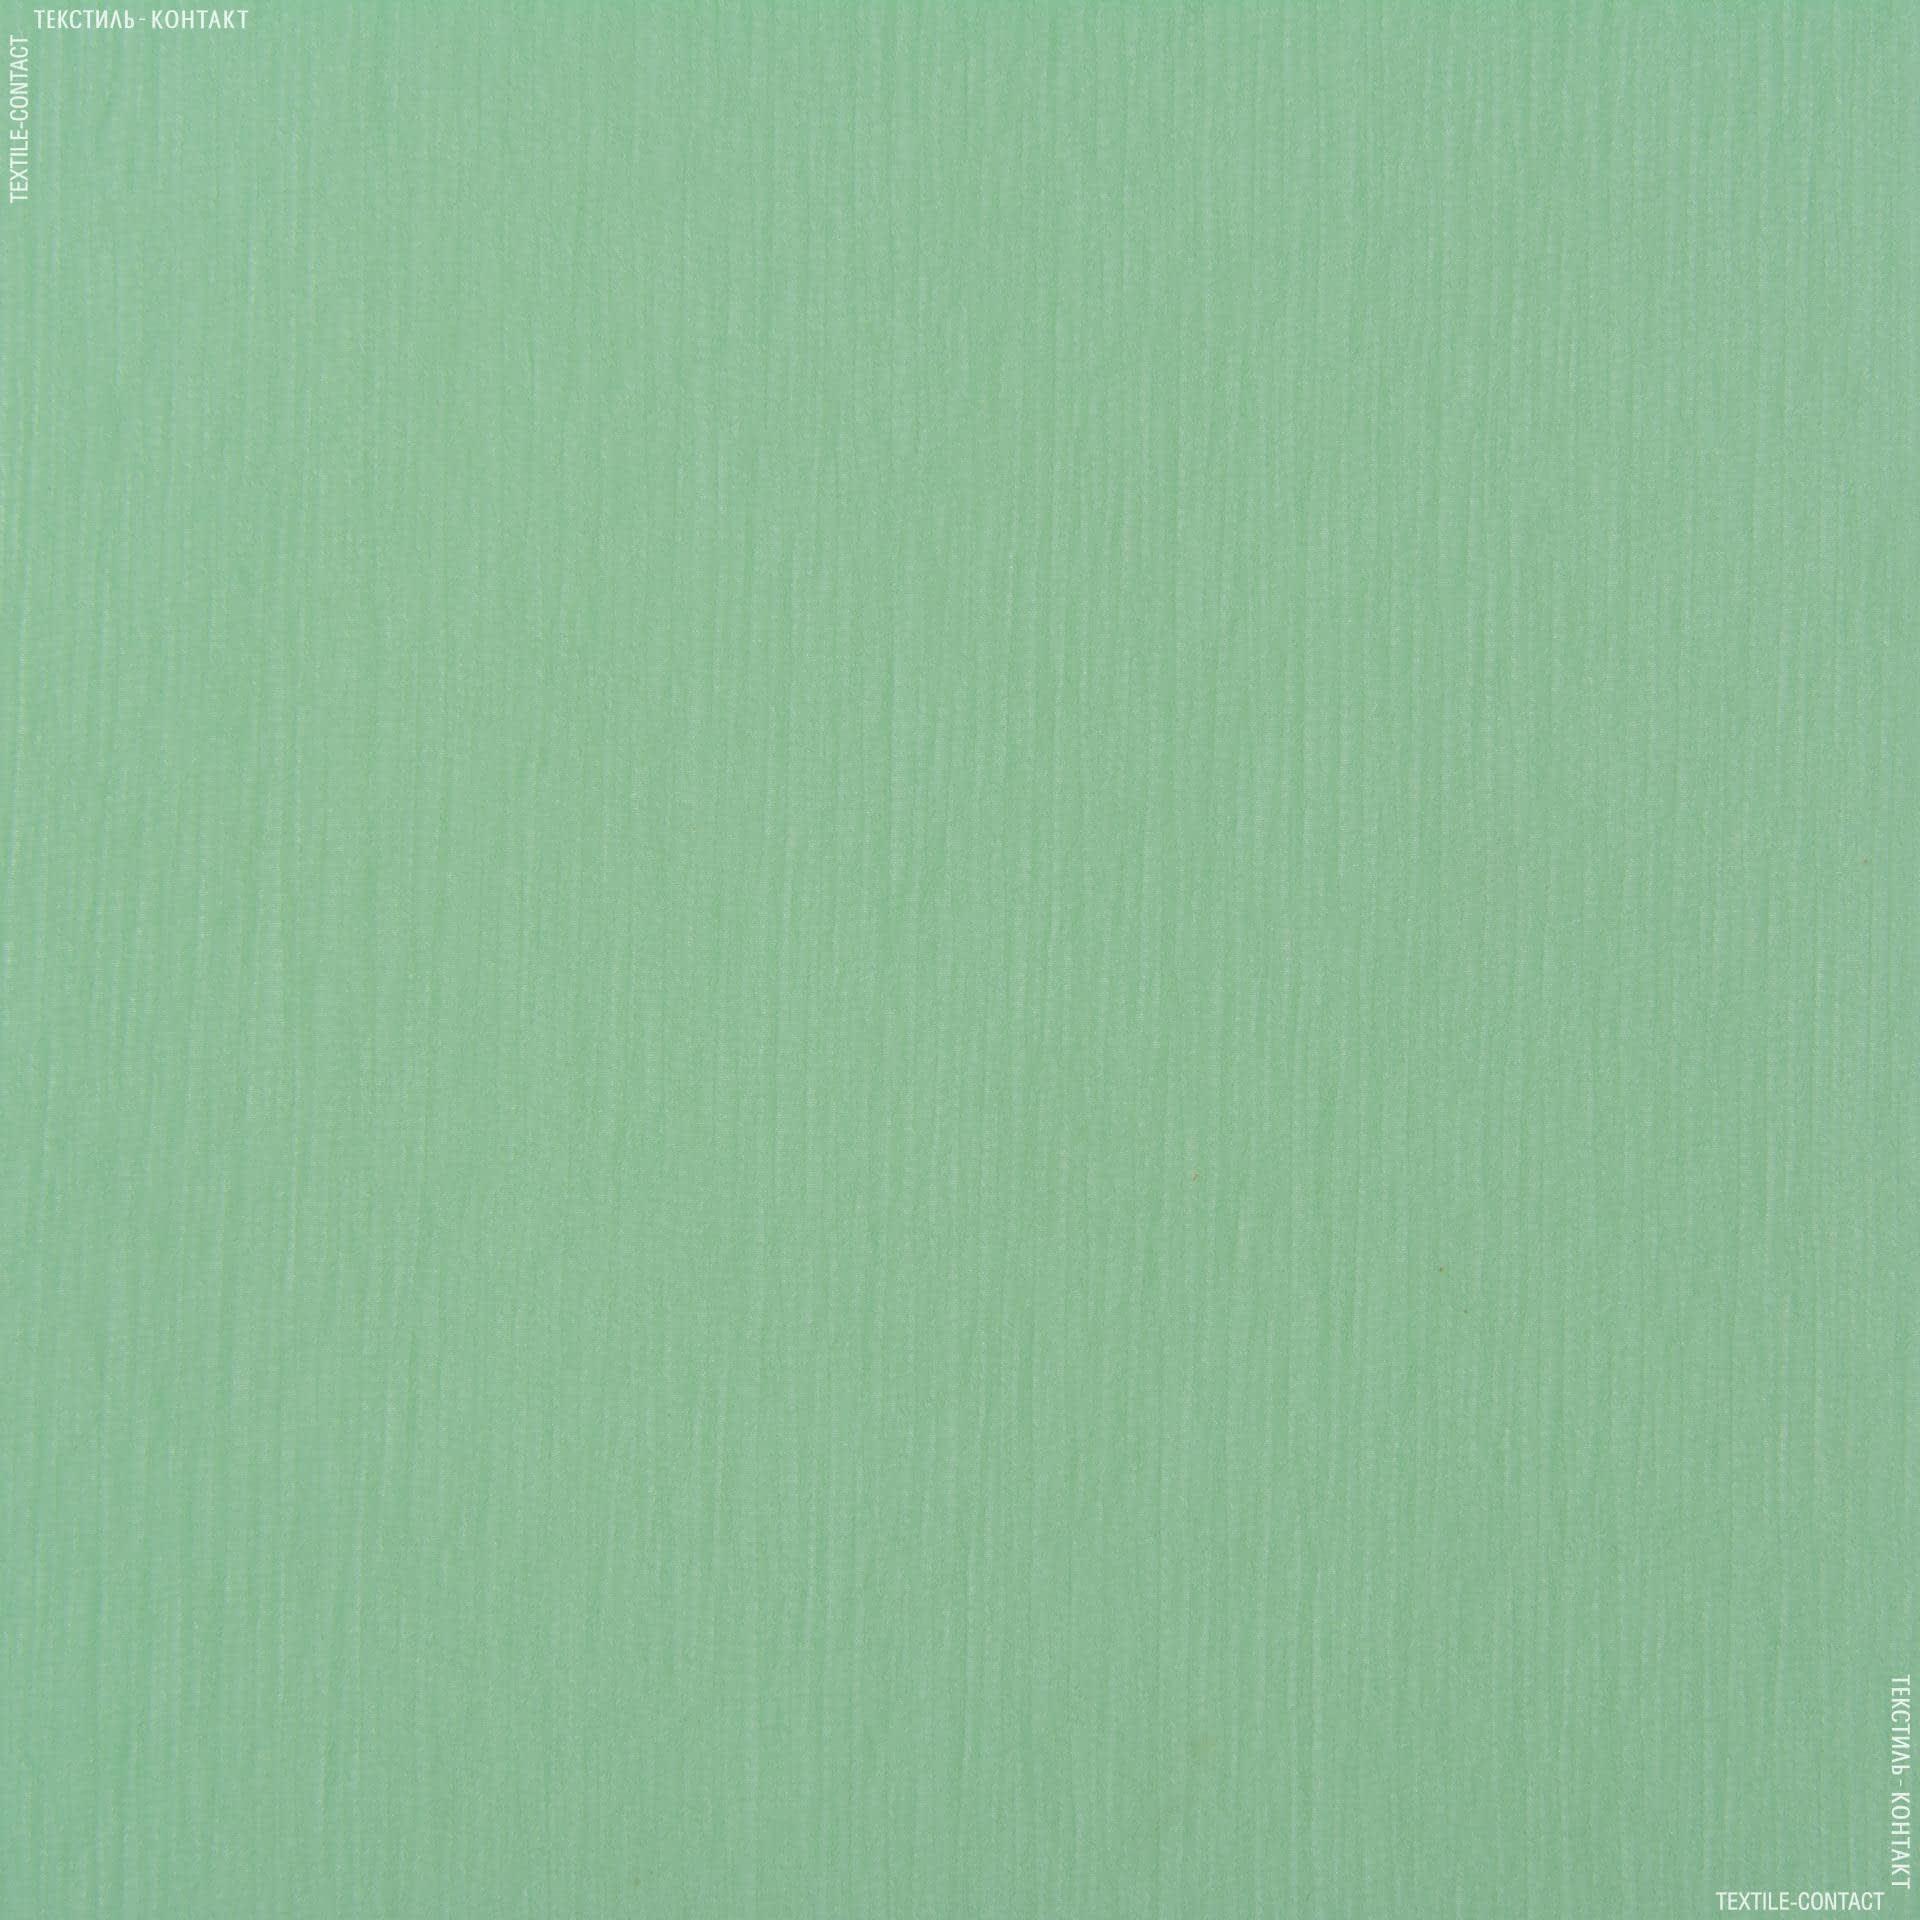 Ткани для платков и бандан - Шифон евро мята